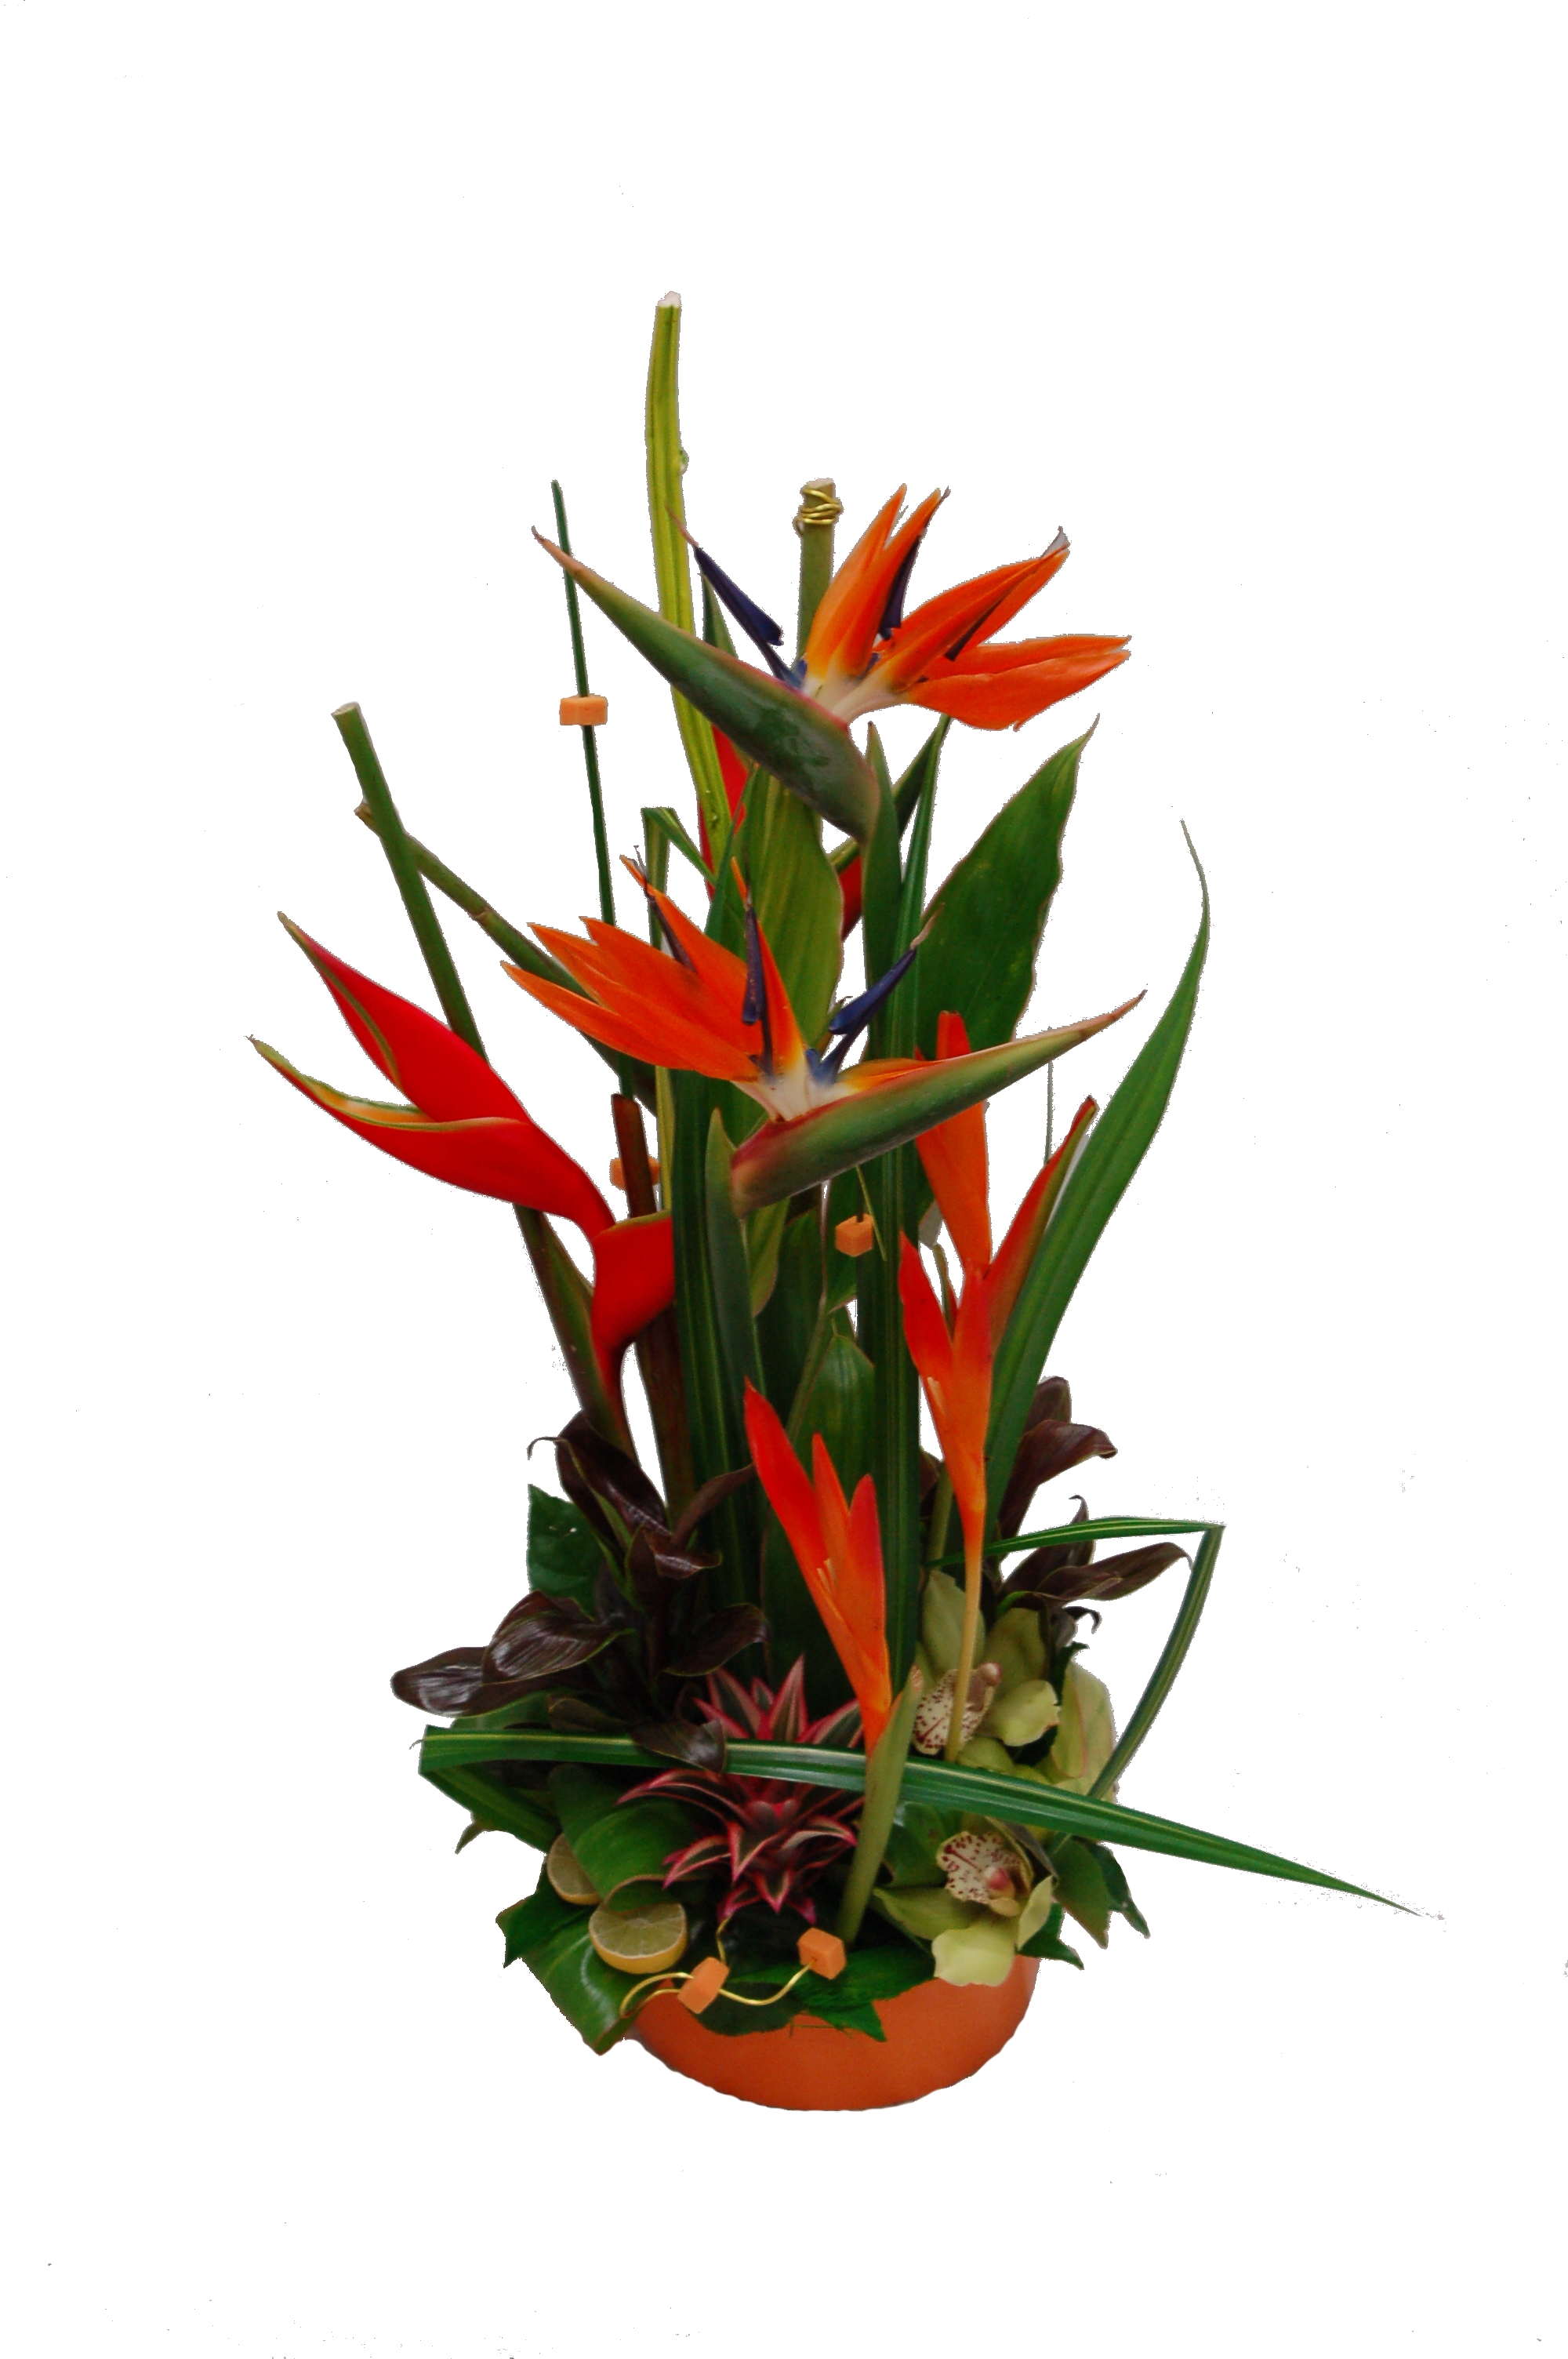 Compositions fleurs naturelles c perraud fleurs - Coeur en fleurs naturelles ...